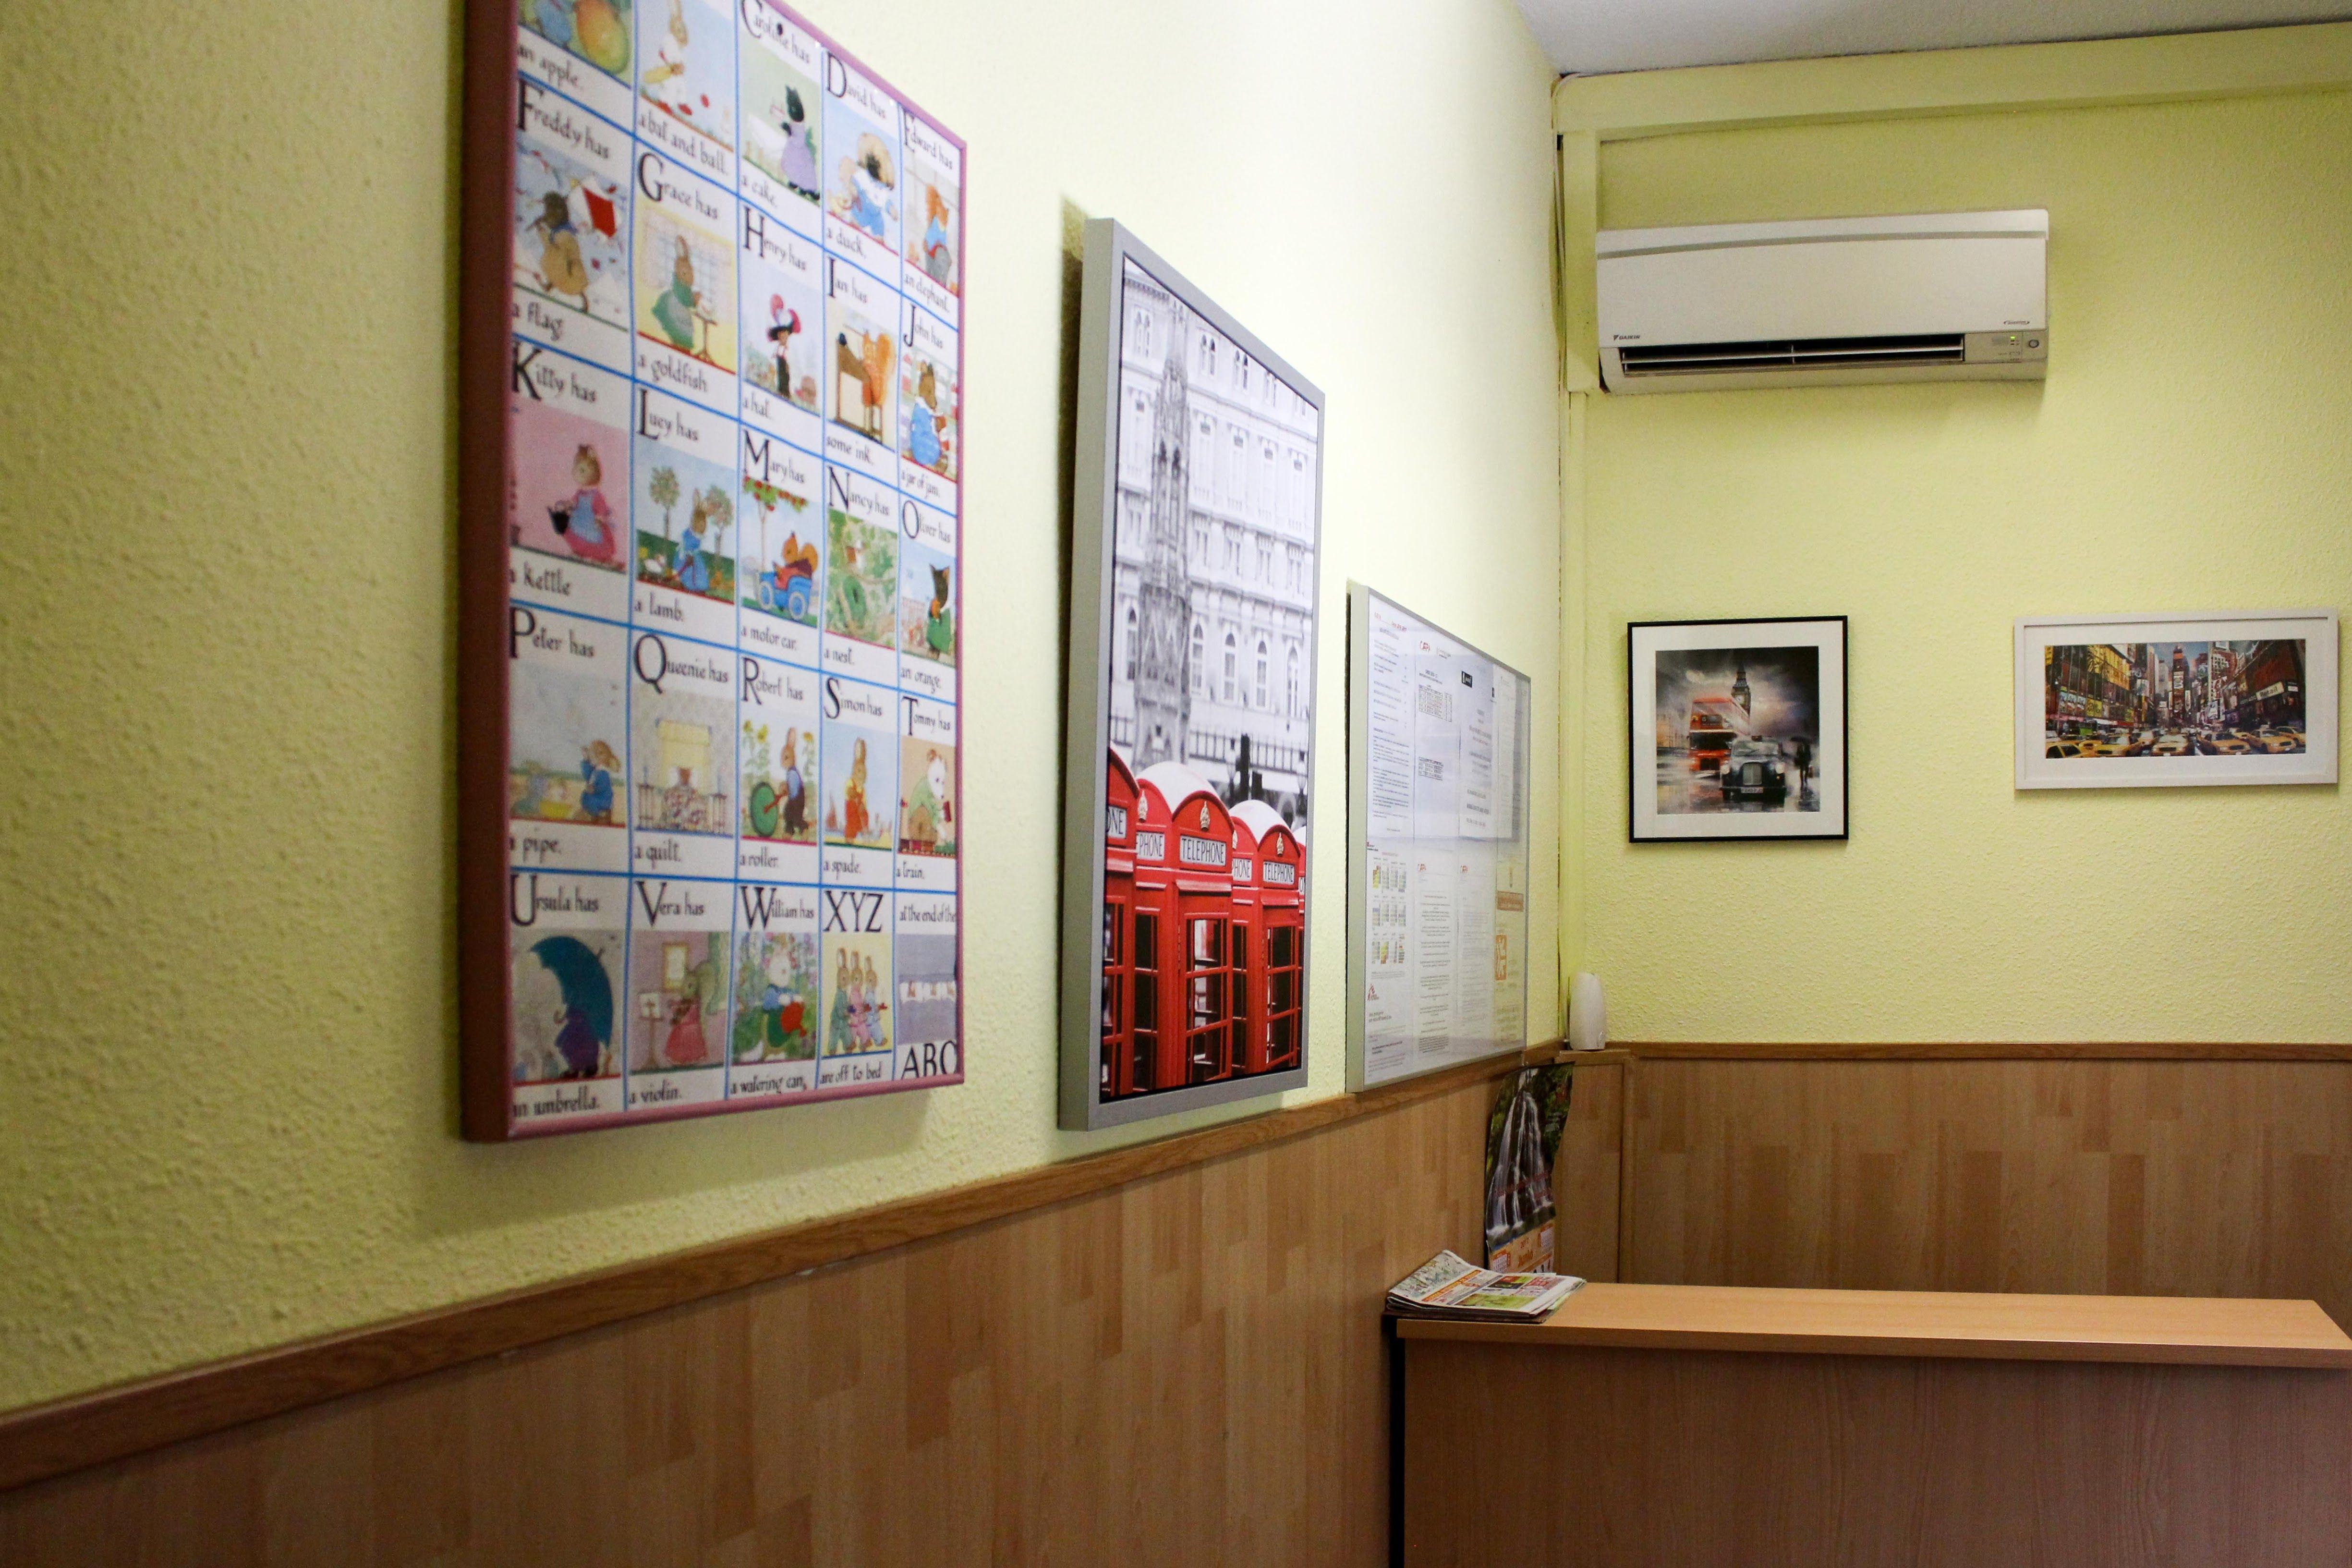 Foto 6 de Academia de inglés y de refuerzo escolar en Madrid en Madrid | Academia CEPA